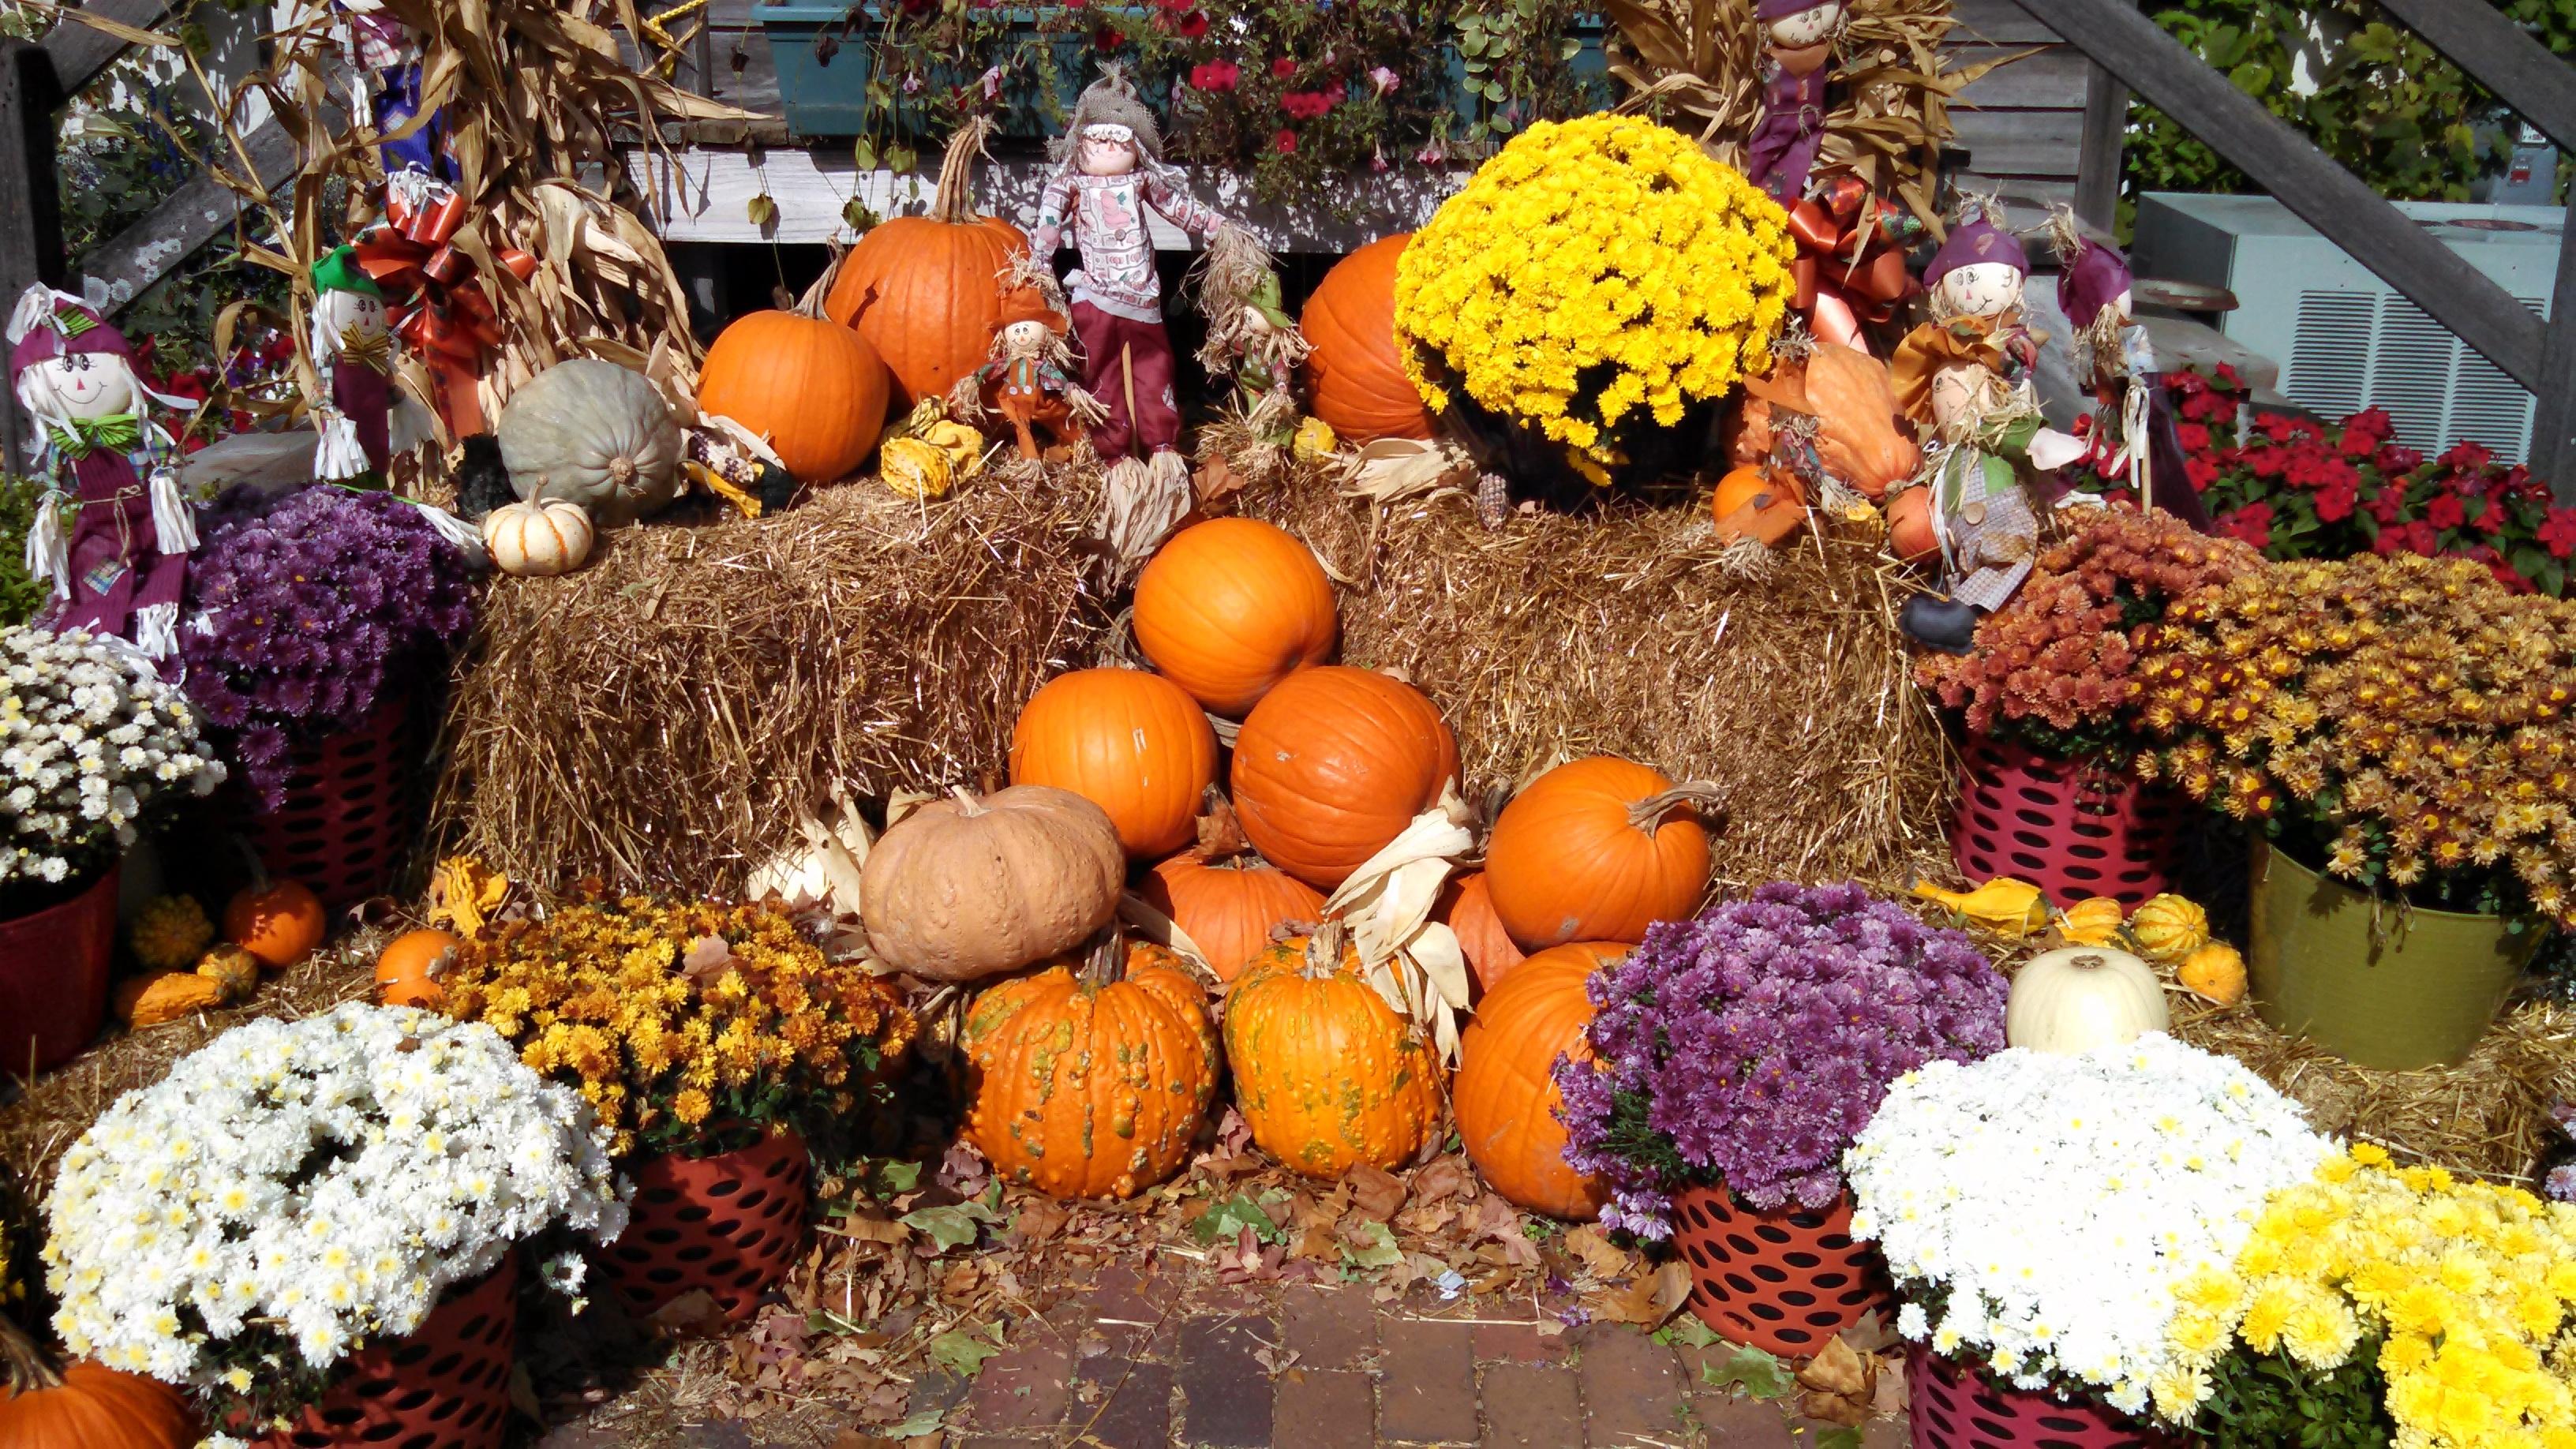 Fotos gratis : granja, campo, otoño, flor, ciudad, país, comida ...